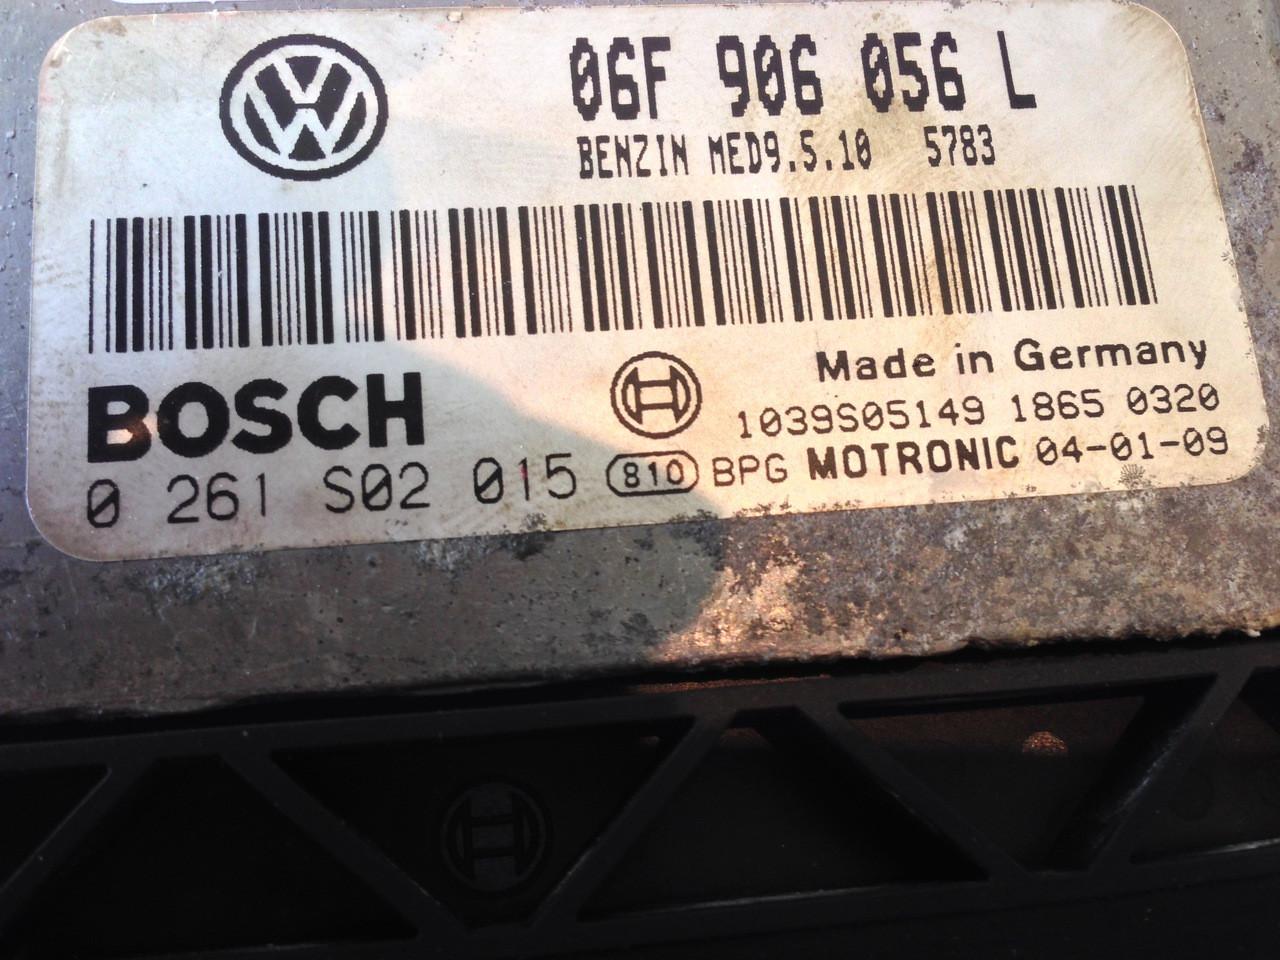 Plug & Play Bosch Engine ECU, VW Golf 2 0 FSI, 0261S02015, 0 261 S02 015,  06F906056L, 06F 906 056 L, MED9 5 10